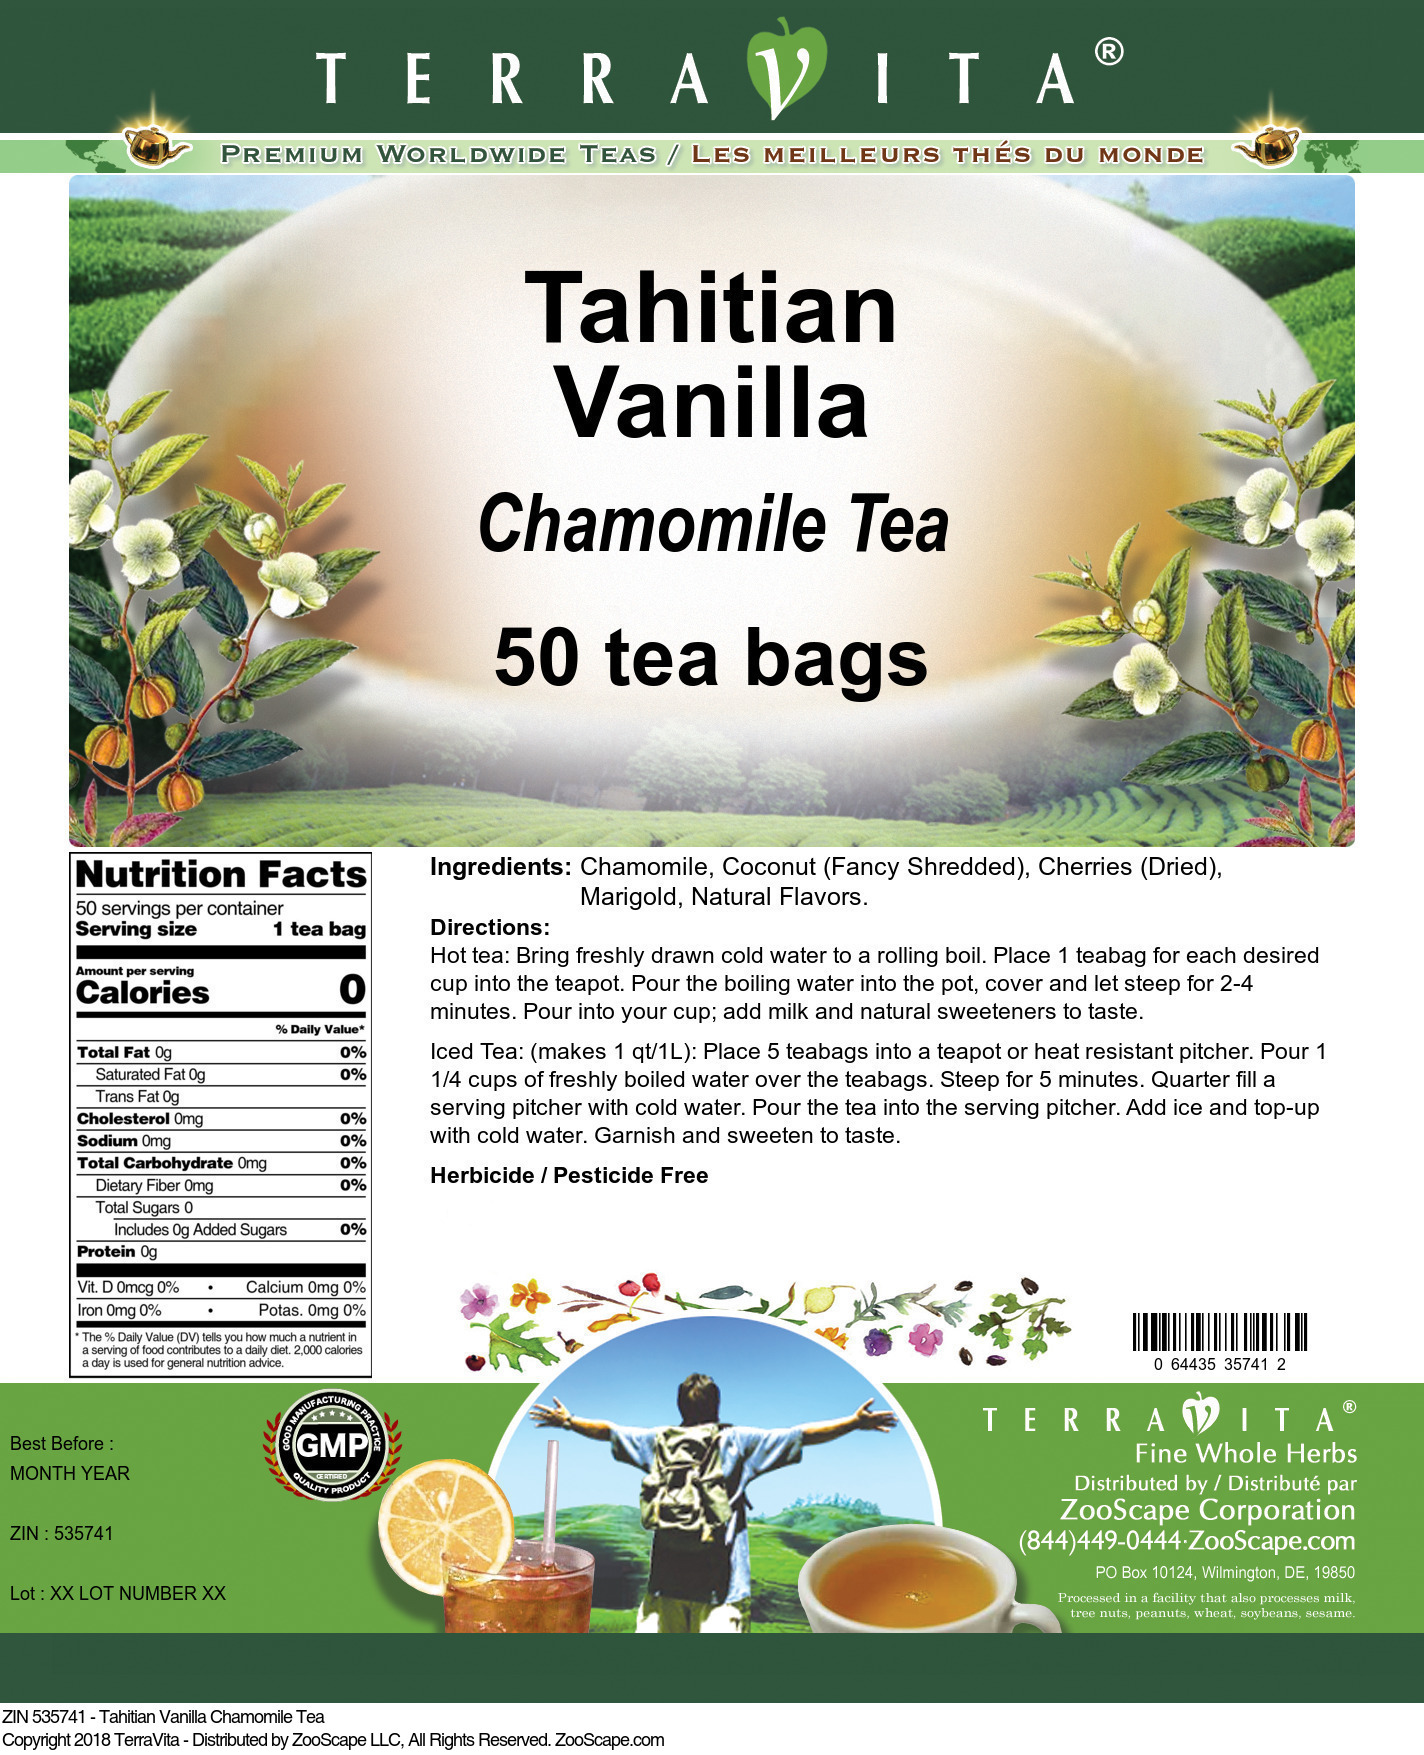 Tahitian Vanilla Chamomile Tea